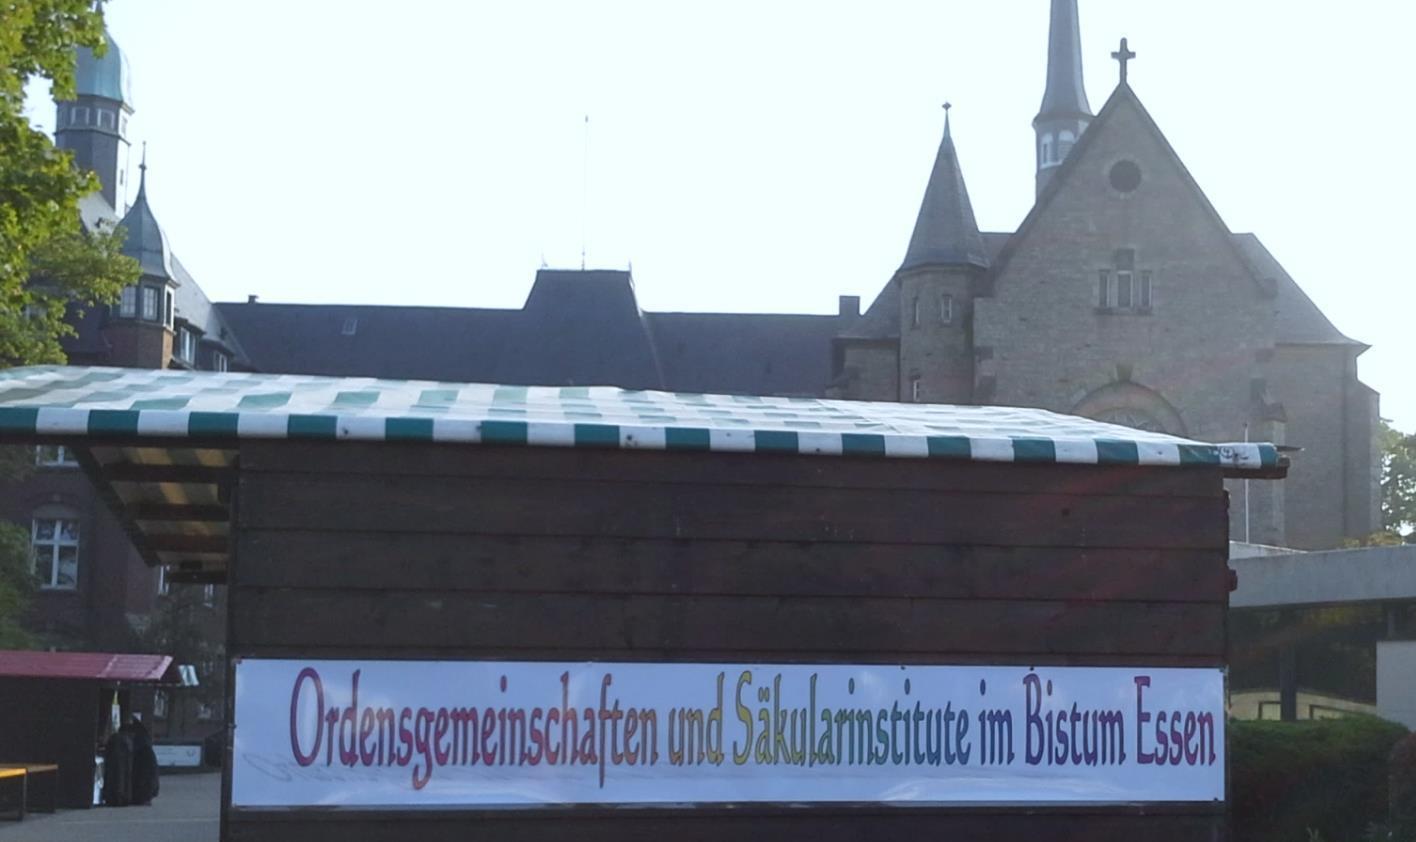 4. Klostermarkt am 06.09. 2014 in Essen-Heidhausen